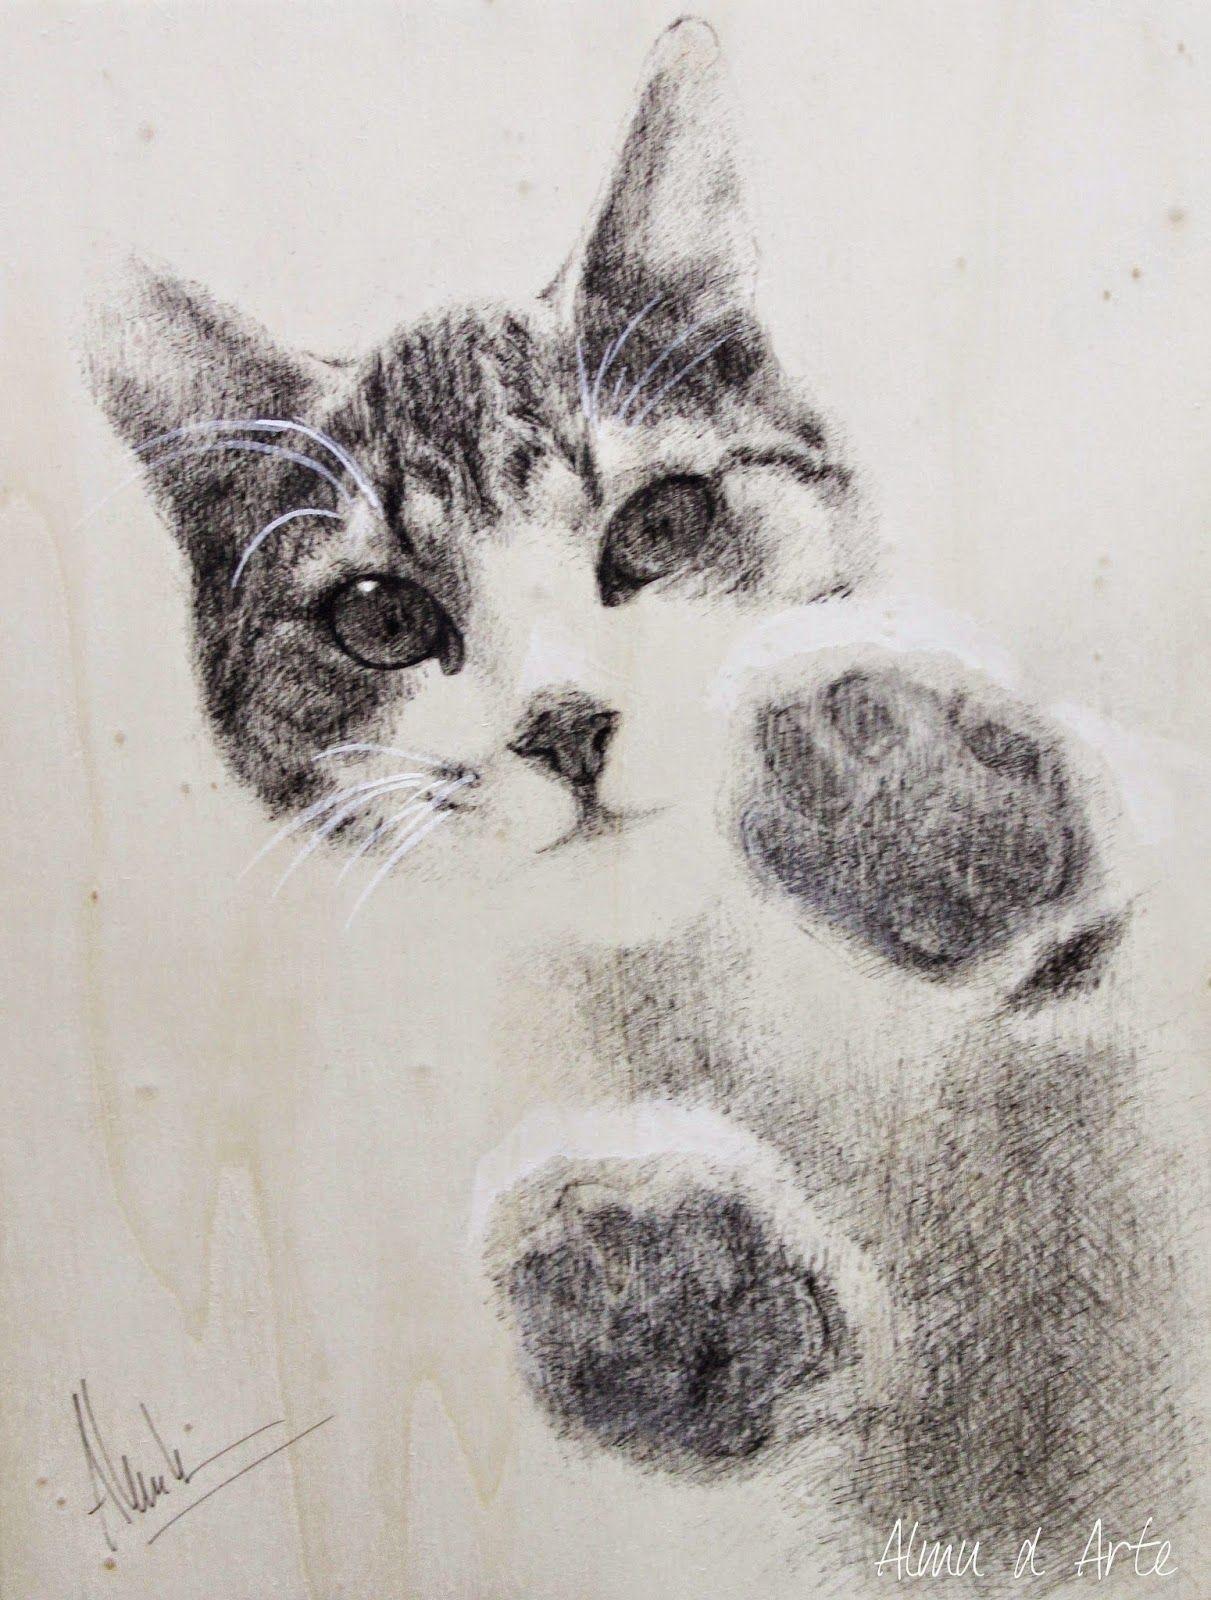 Almu Ruiz Dibujos De Gatos Gato De Acuarela Gatos